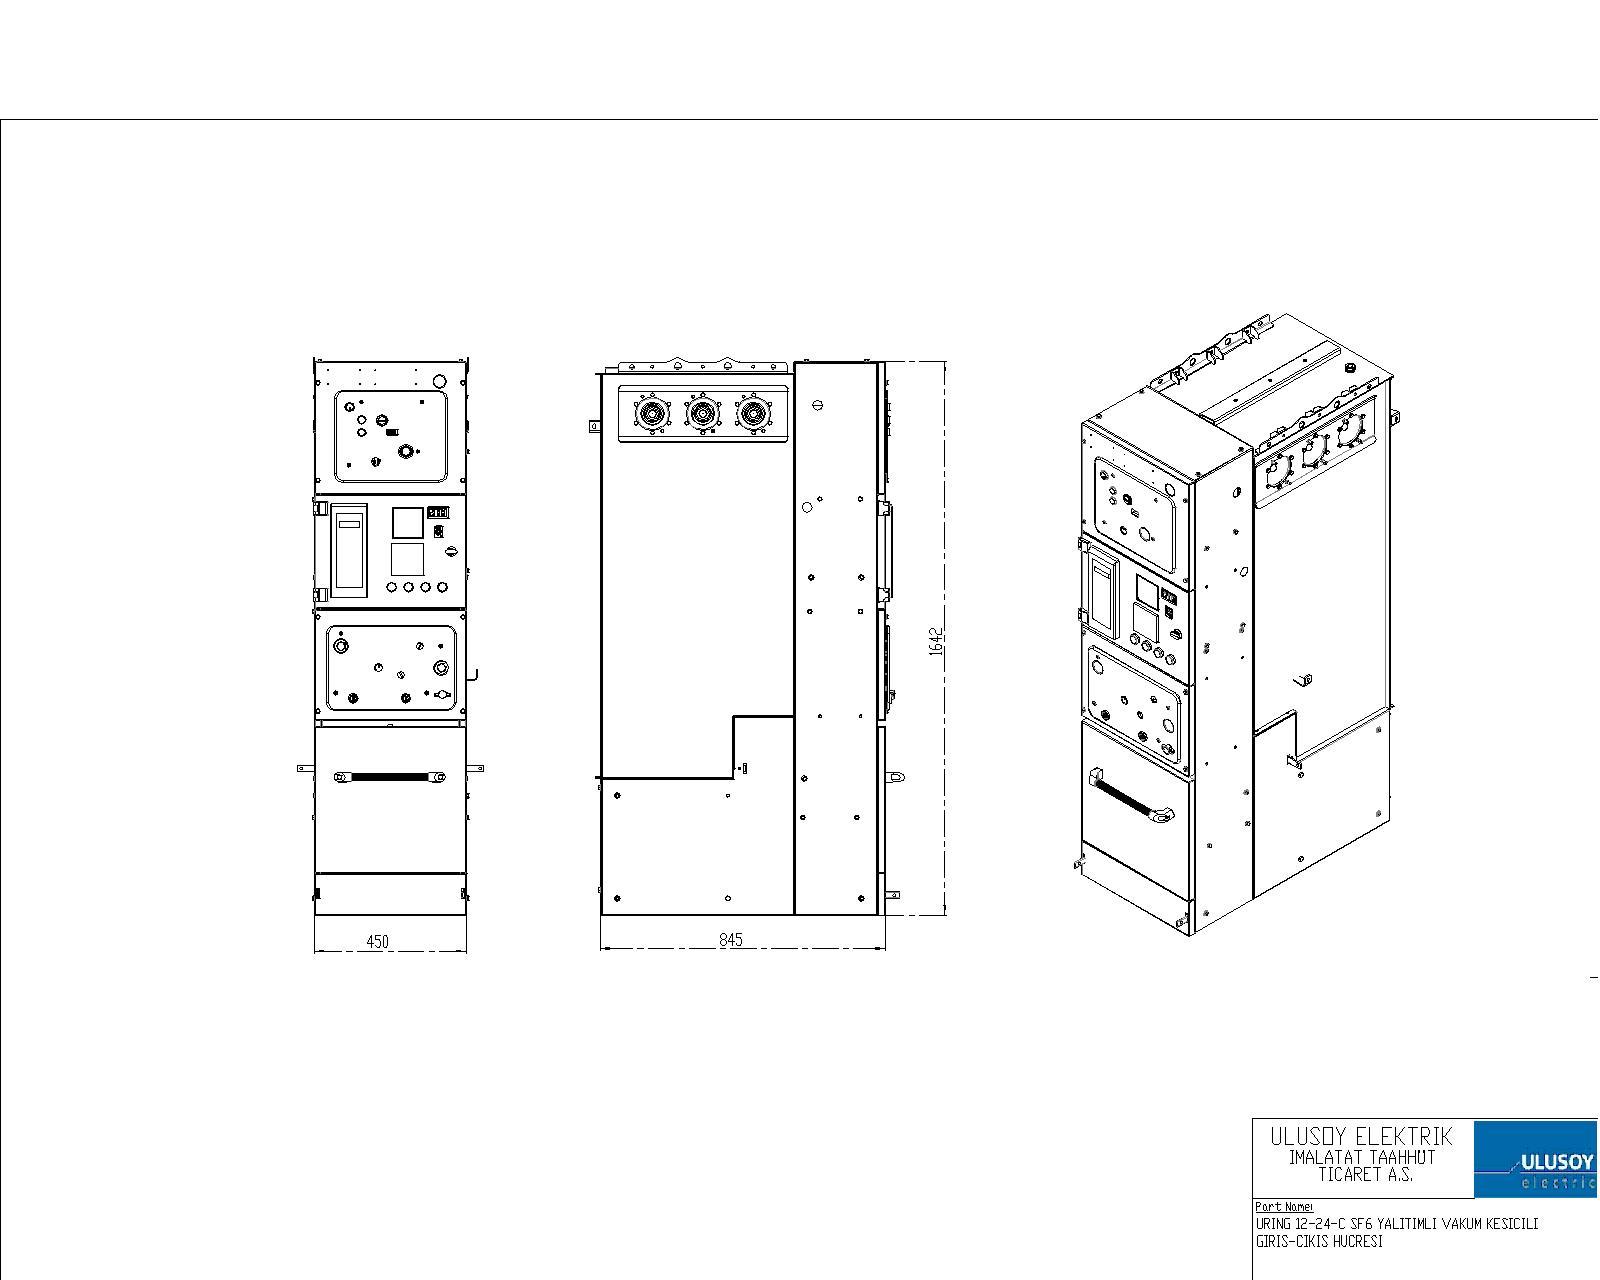 URING Serisi SF6 Komple Gaz Yalıtımlı Modüler Hücre